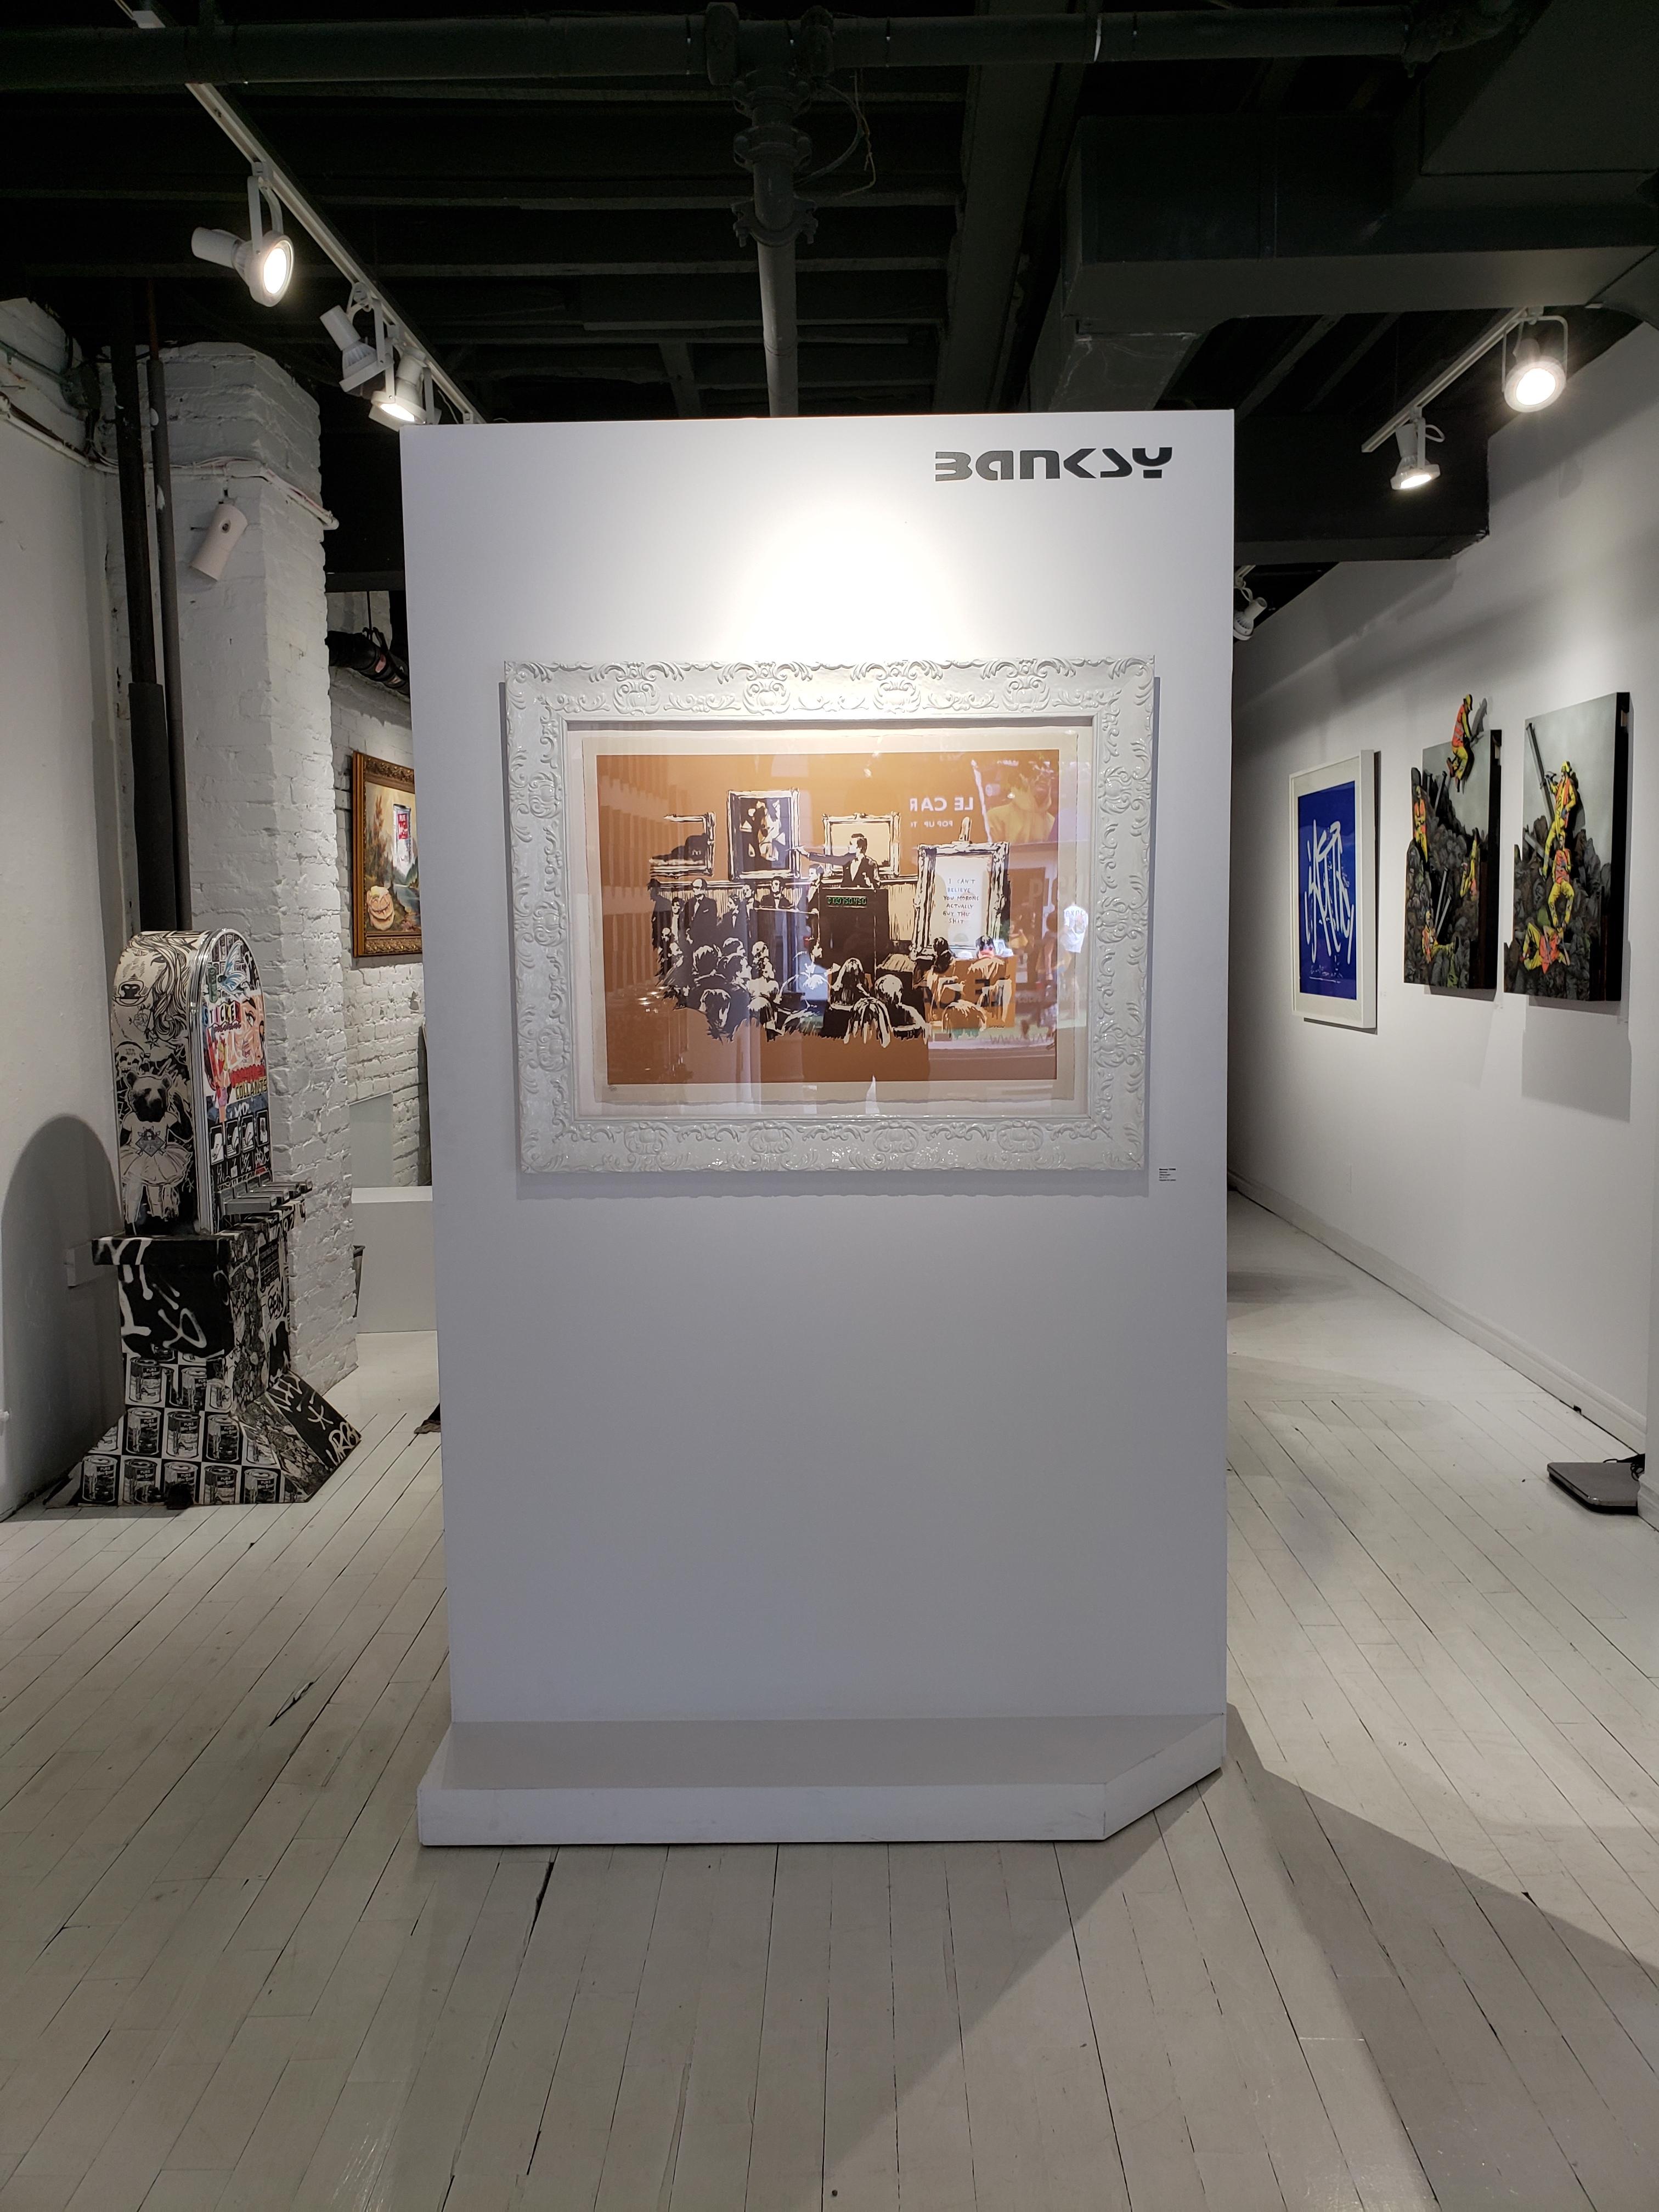 Banksy : une œuvre de l'artiste international dans une galerie montréalaise (PHOTOS)